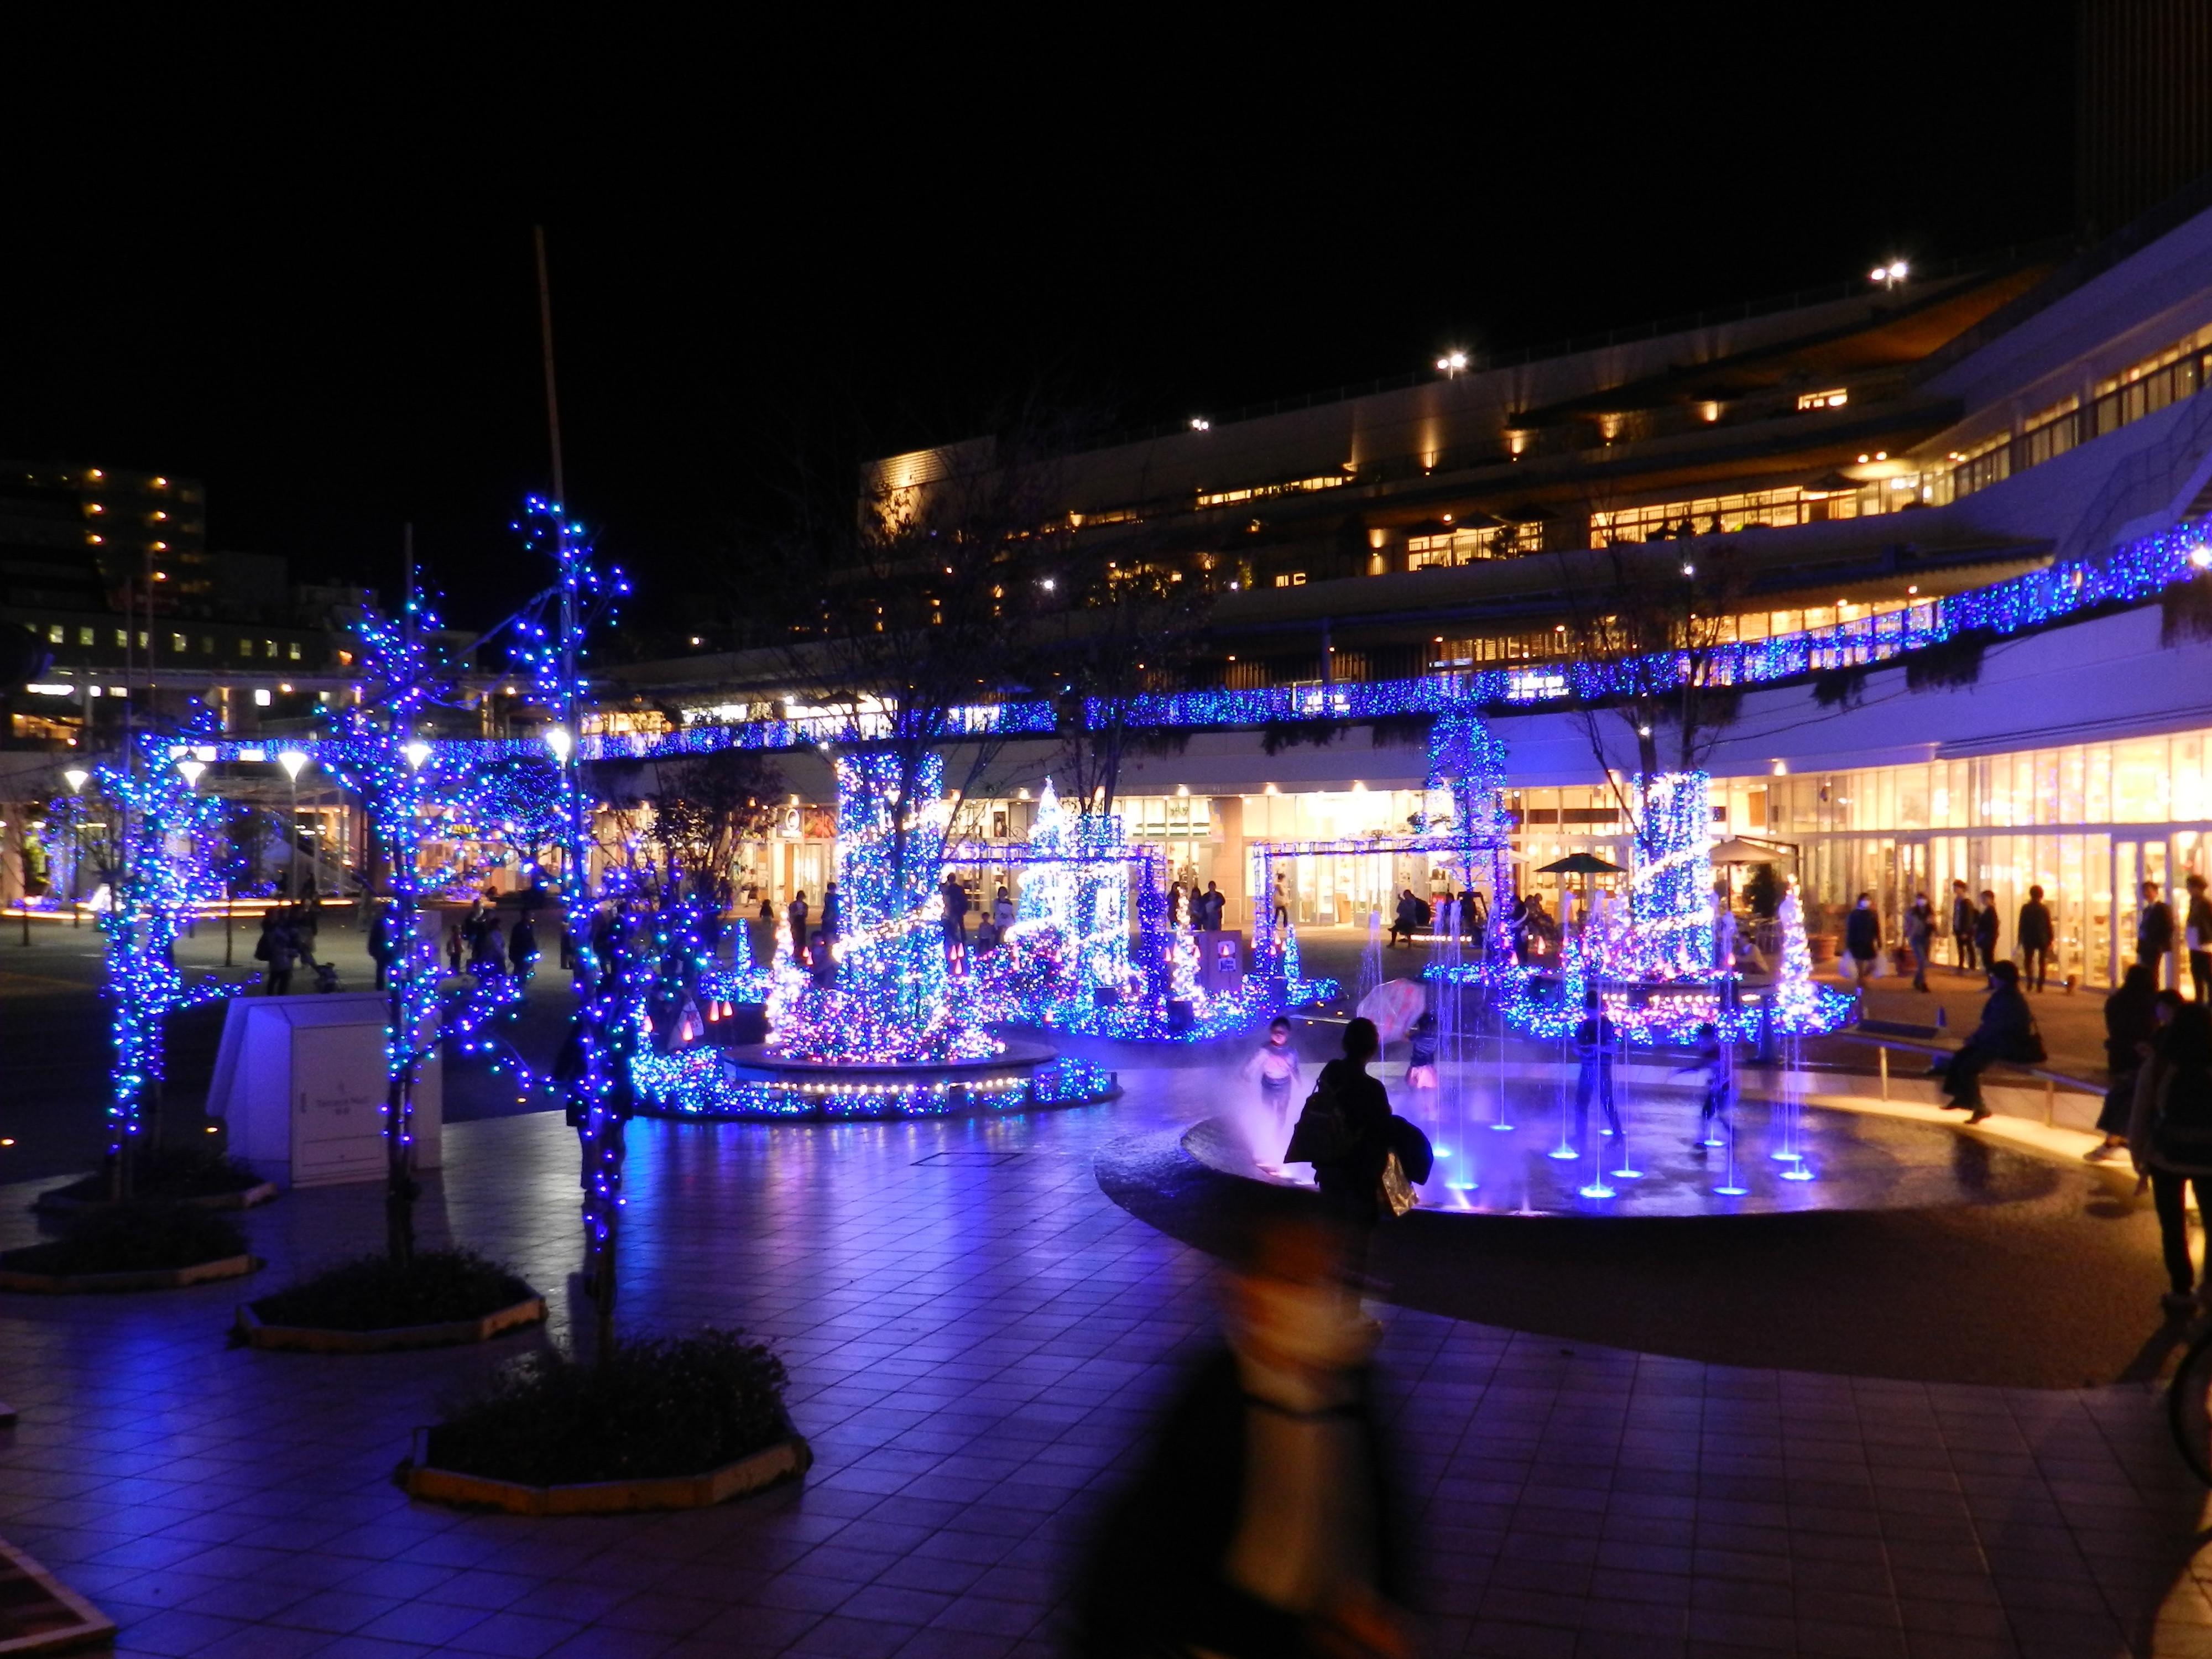 【辻堂】Terrace Mall 湘南 Xmas Illumination 2018 -Fantasia in the sky-